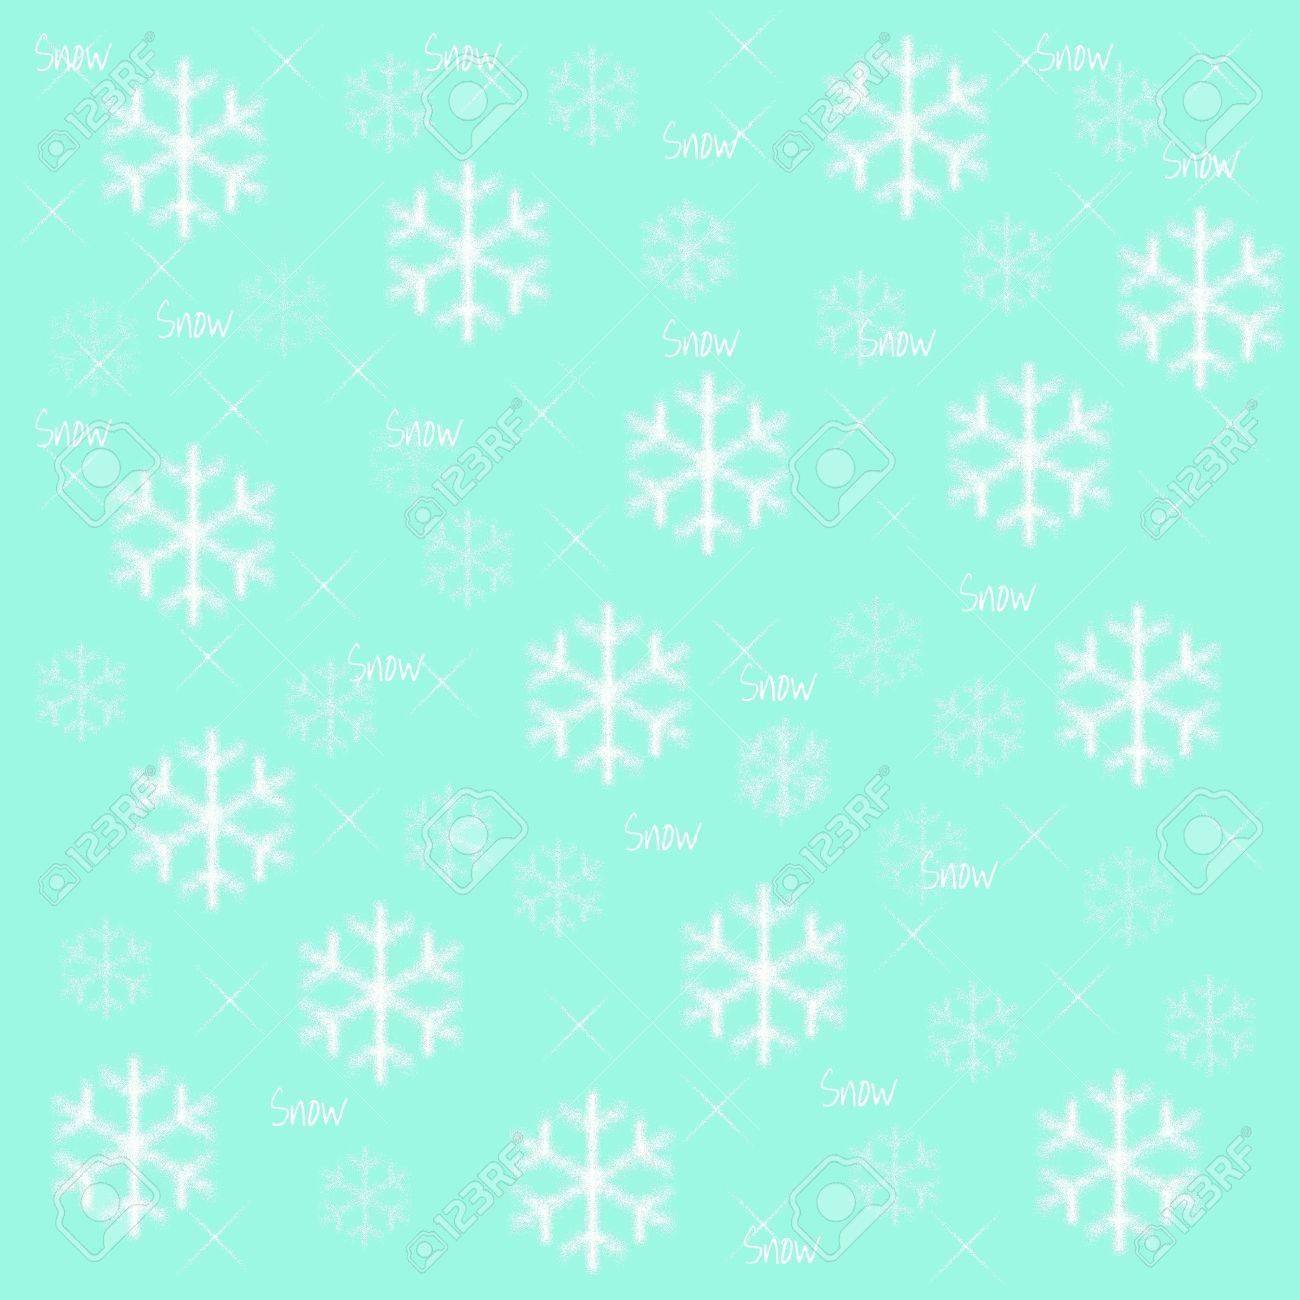 水色の背景の冬イラスト雪の結晶